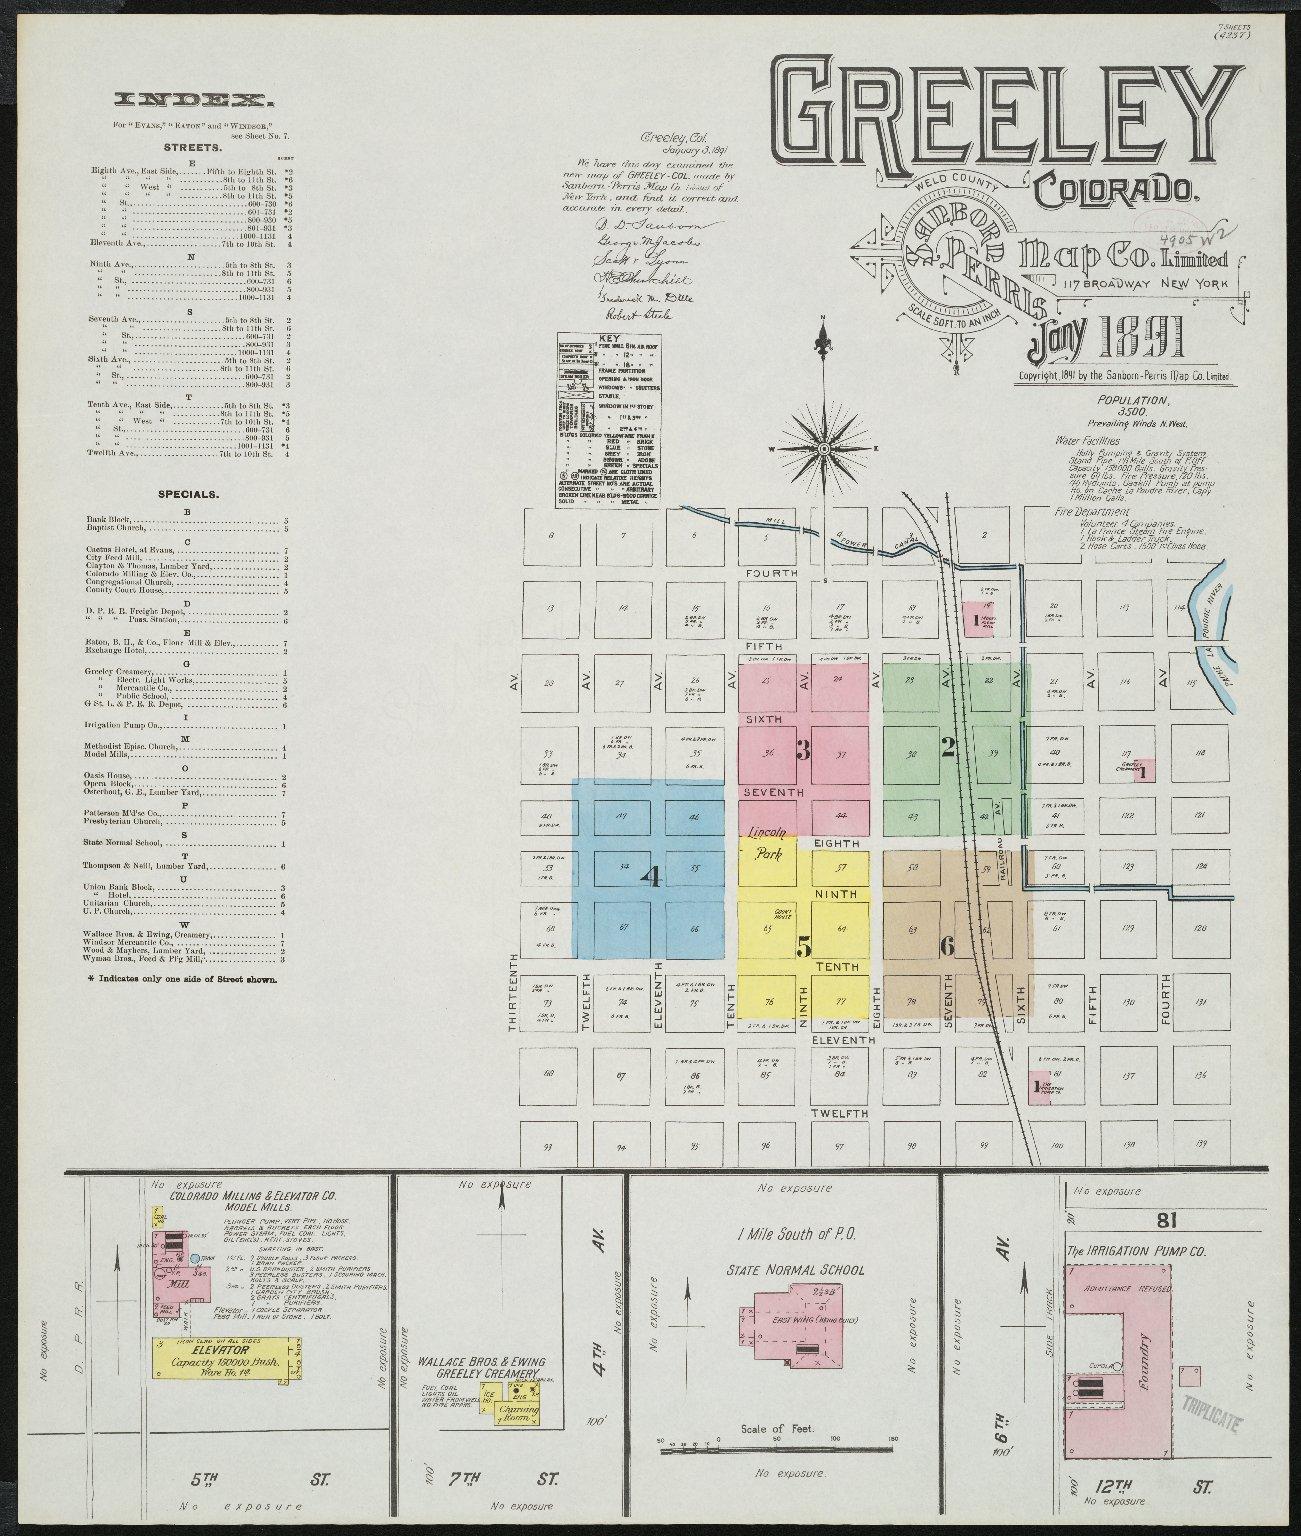 Greeley, Weld County, Colorado